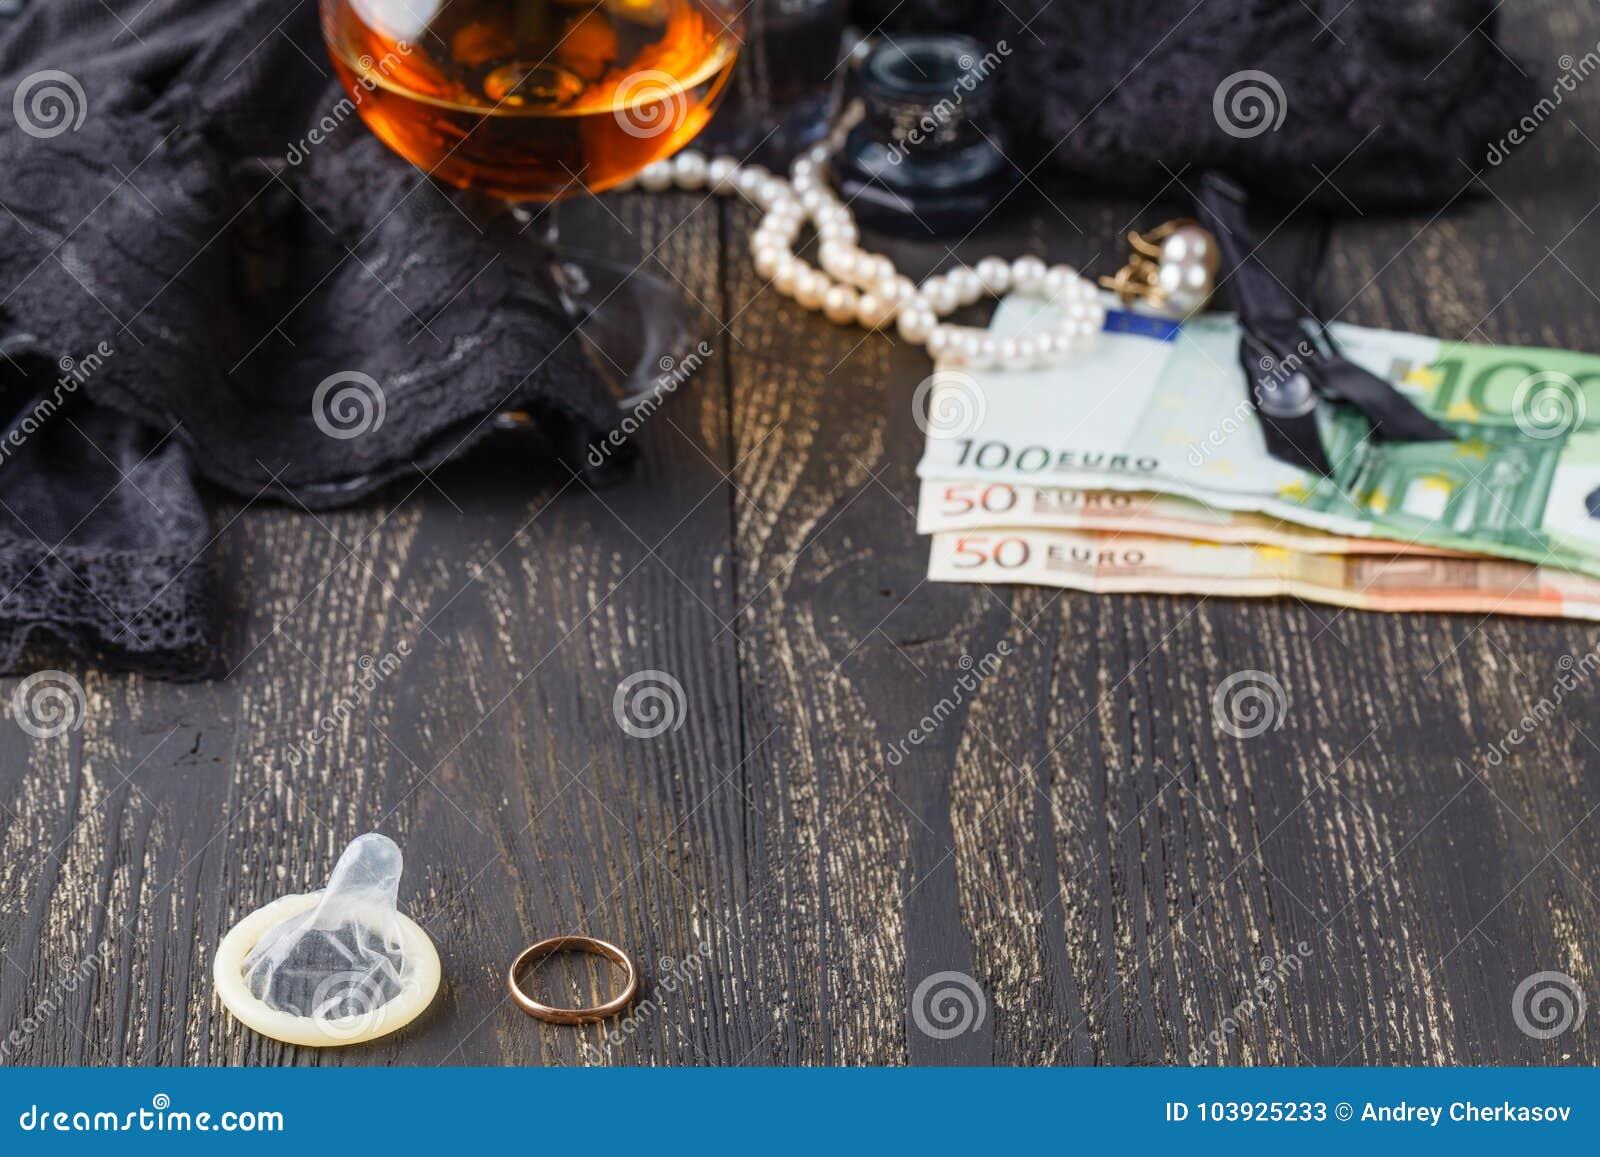 Γαμήλια δαχτυλίδι και προφυλακτικό με τα χρήματα στην πλάτη, έννοια μοιχείας